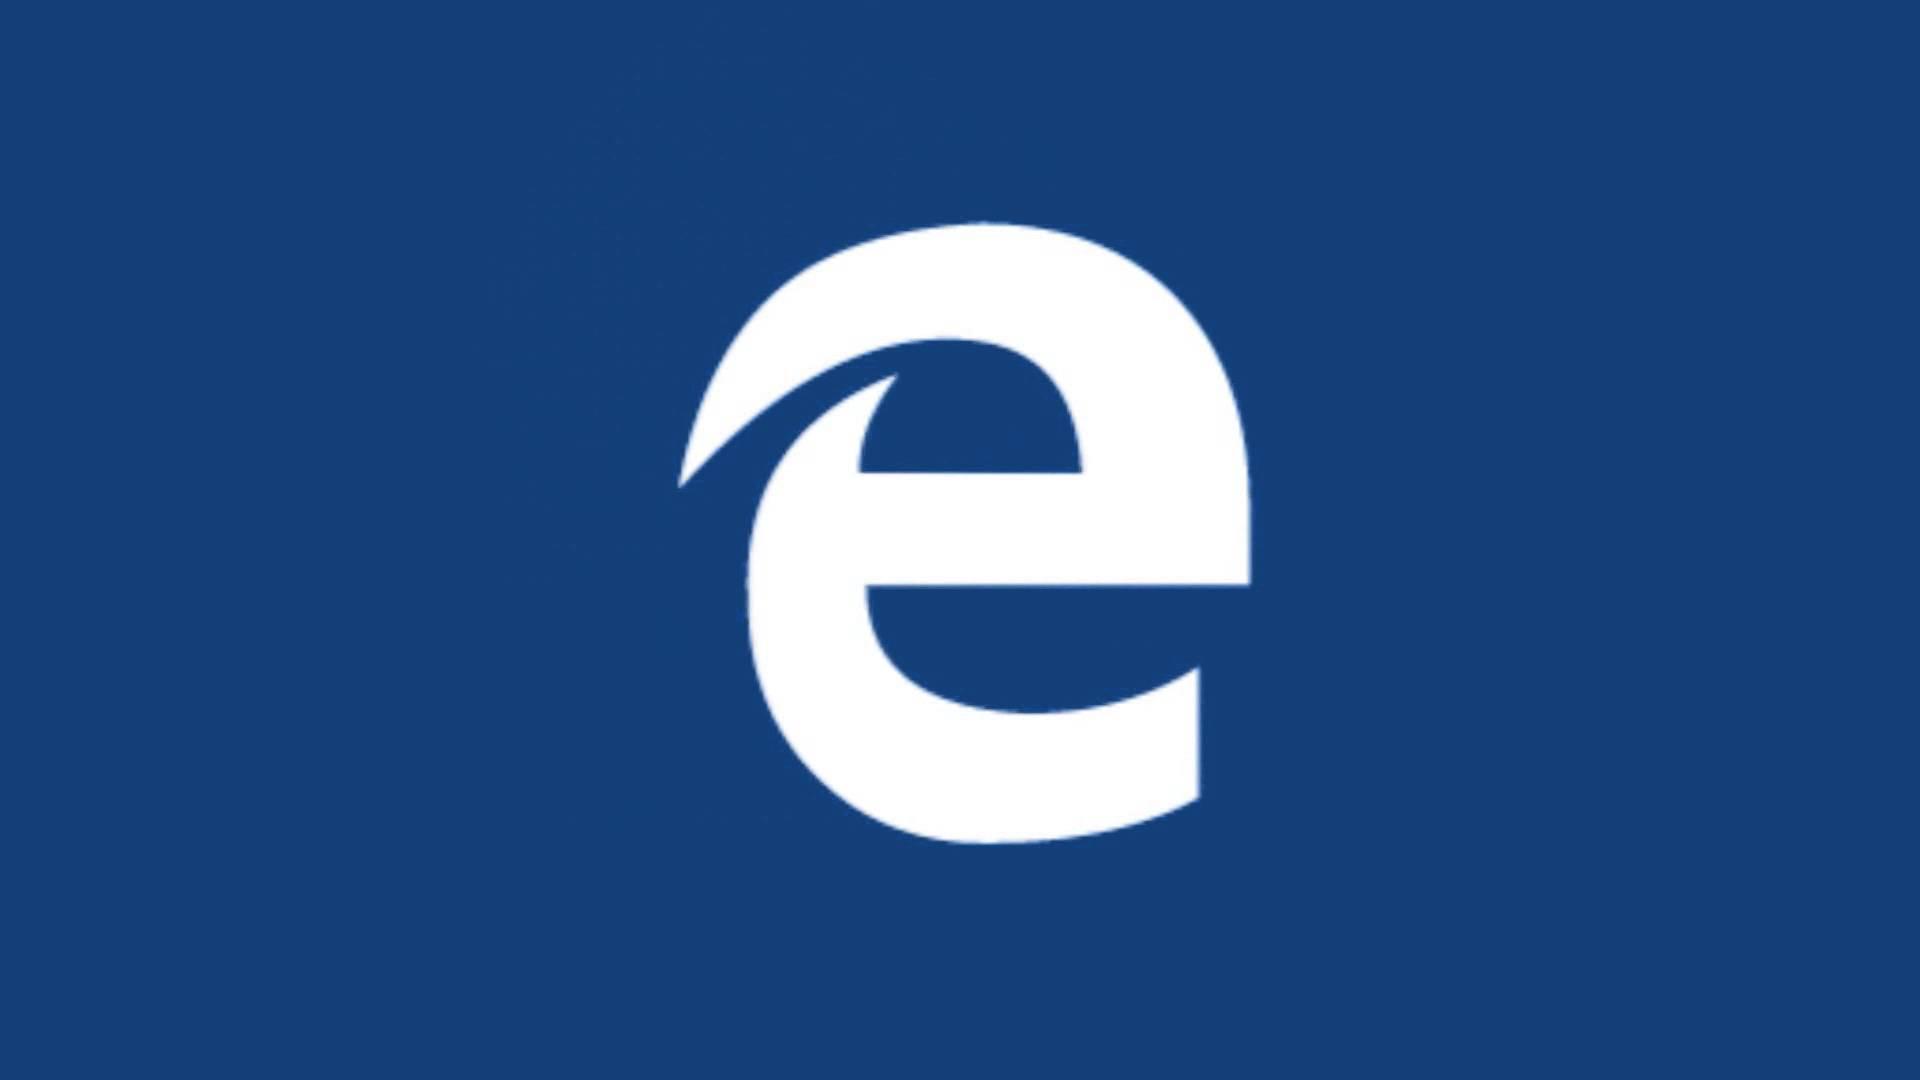 Edge se snaží změnit mínění o prohlížečích Microsoftu i skrze mobilní zařízení